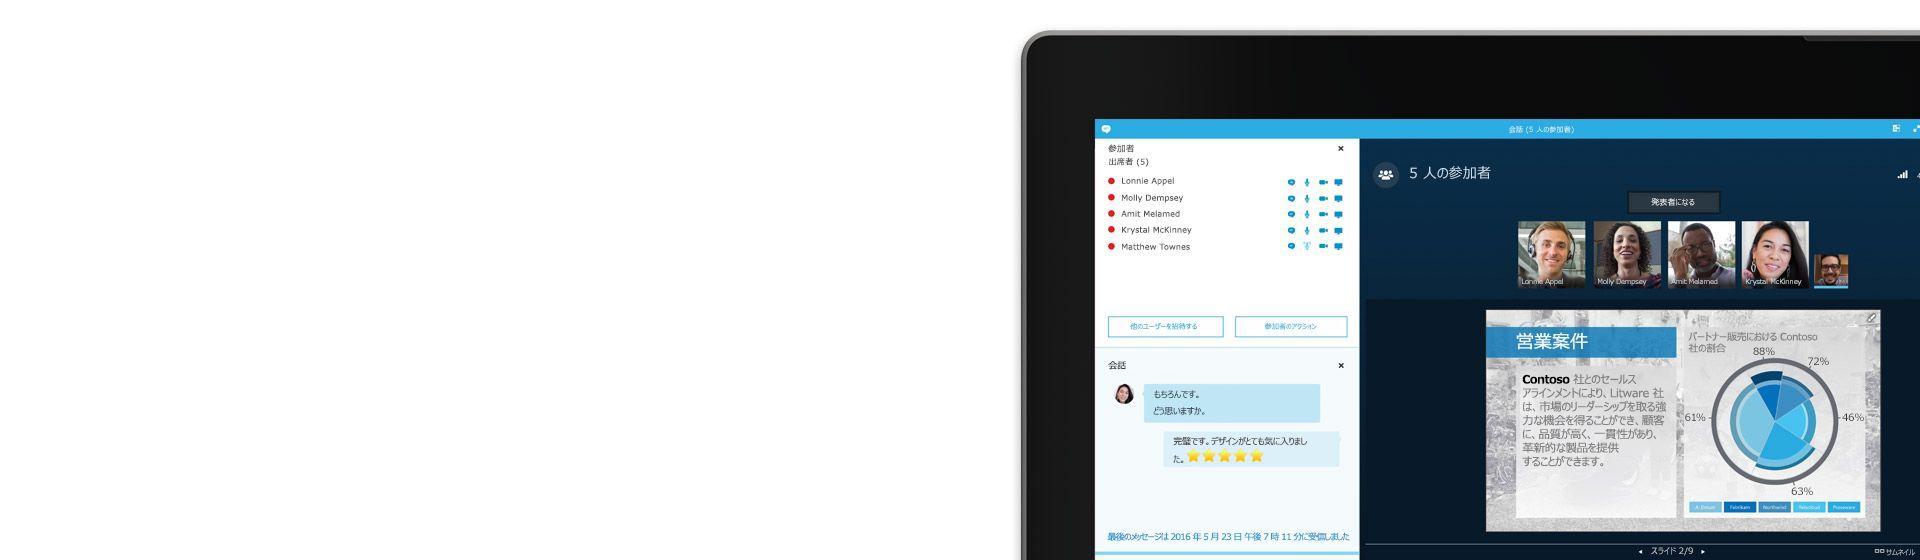 進行中の Skype for Business 会議と参加者の一覧を表示したノート PC の画面の一角